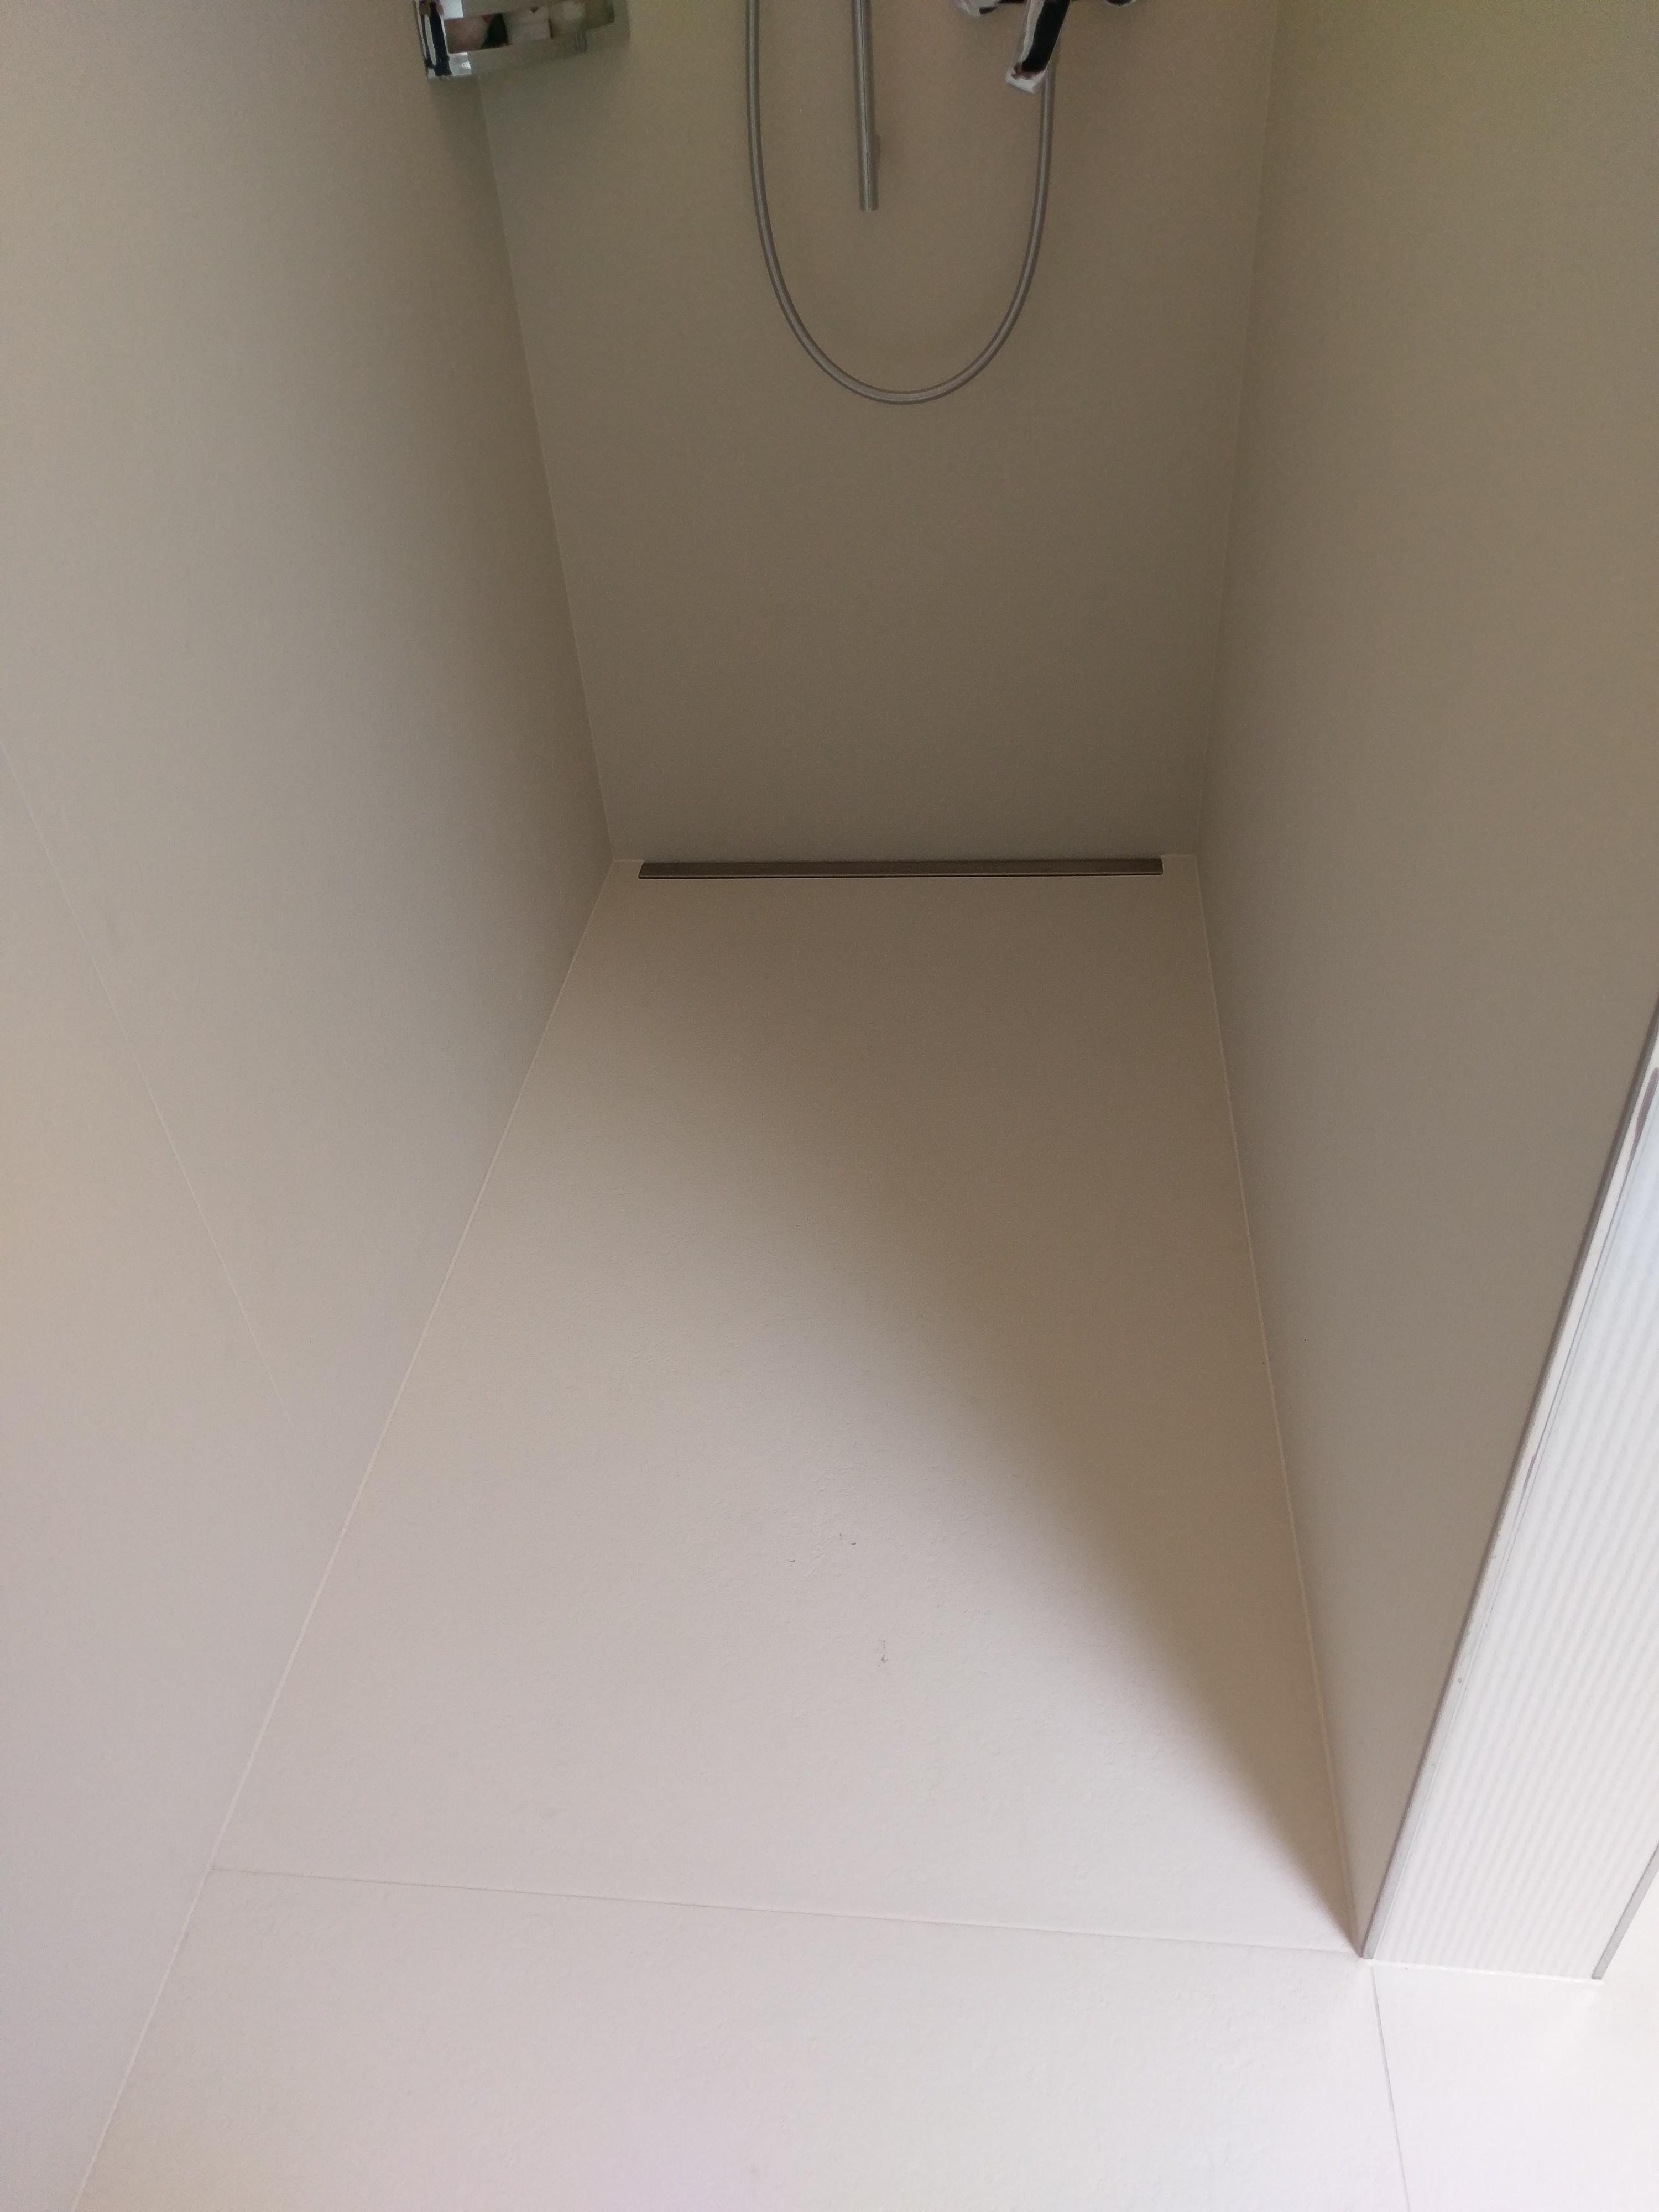 XXL-Fliesen 300x100cm, fugenlos